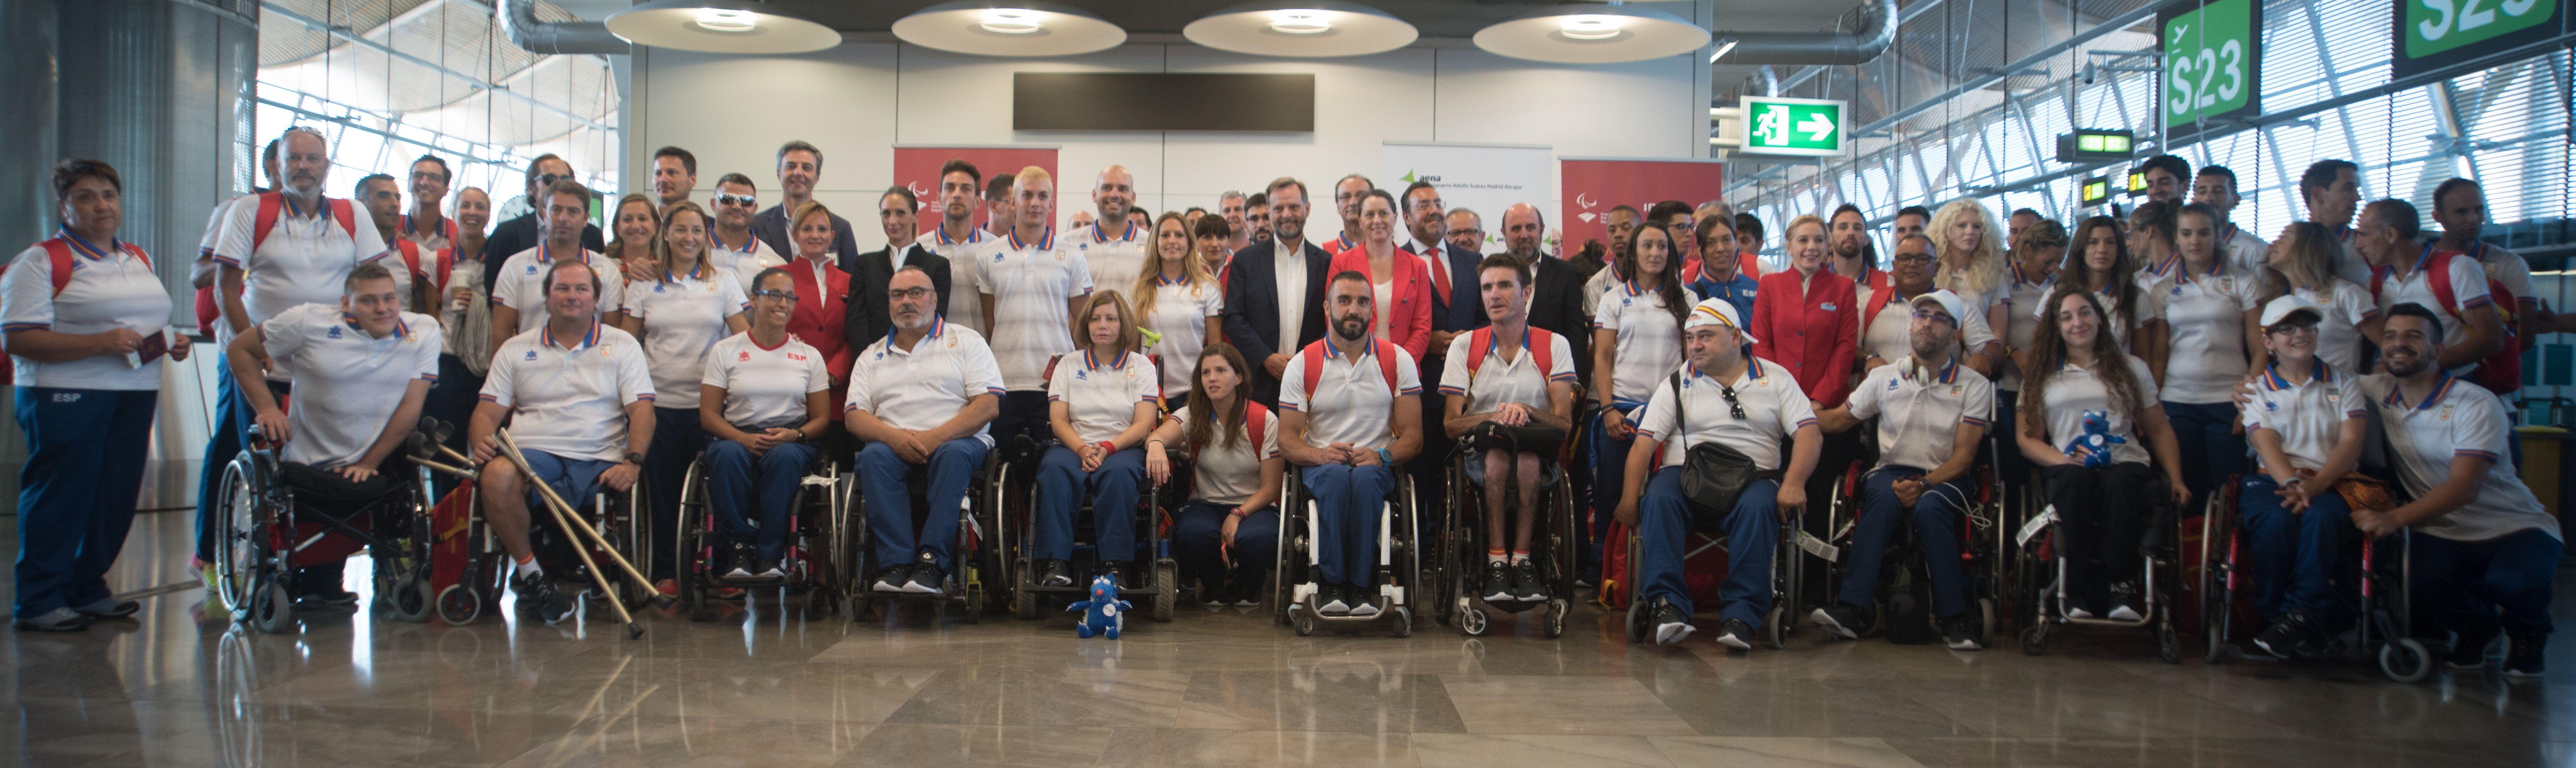 La delegación paralímpica Española camino a #Rio2016